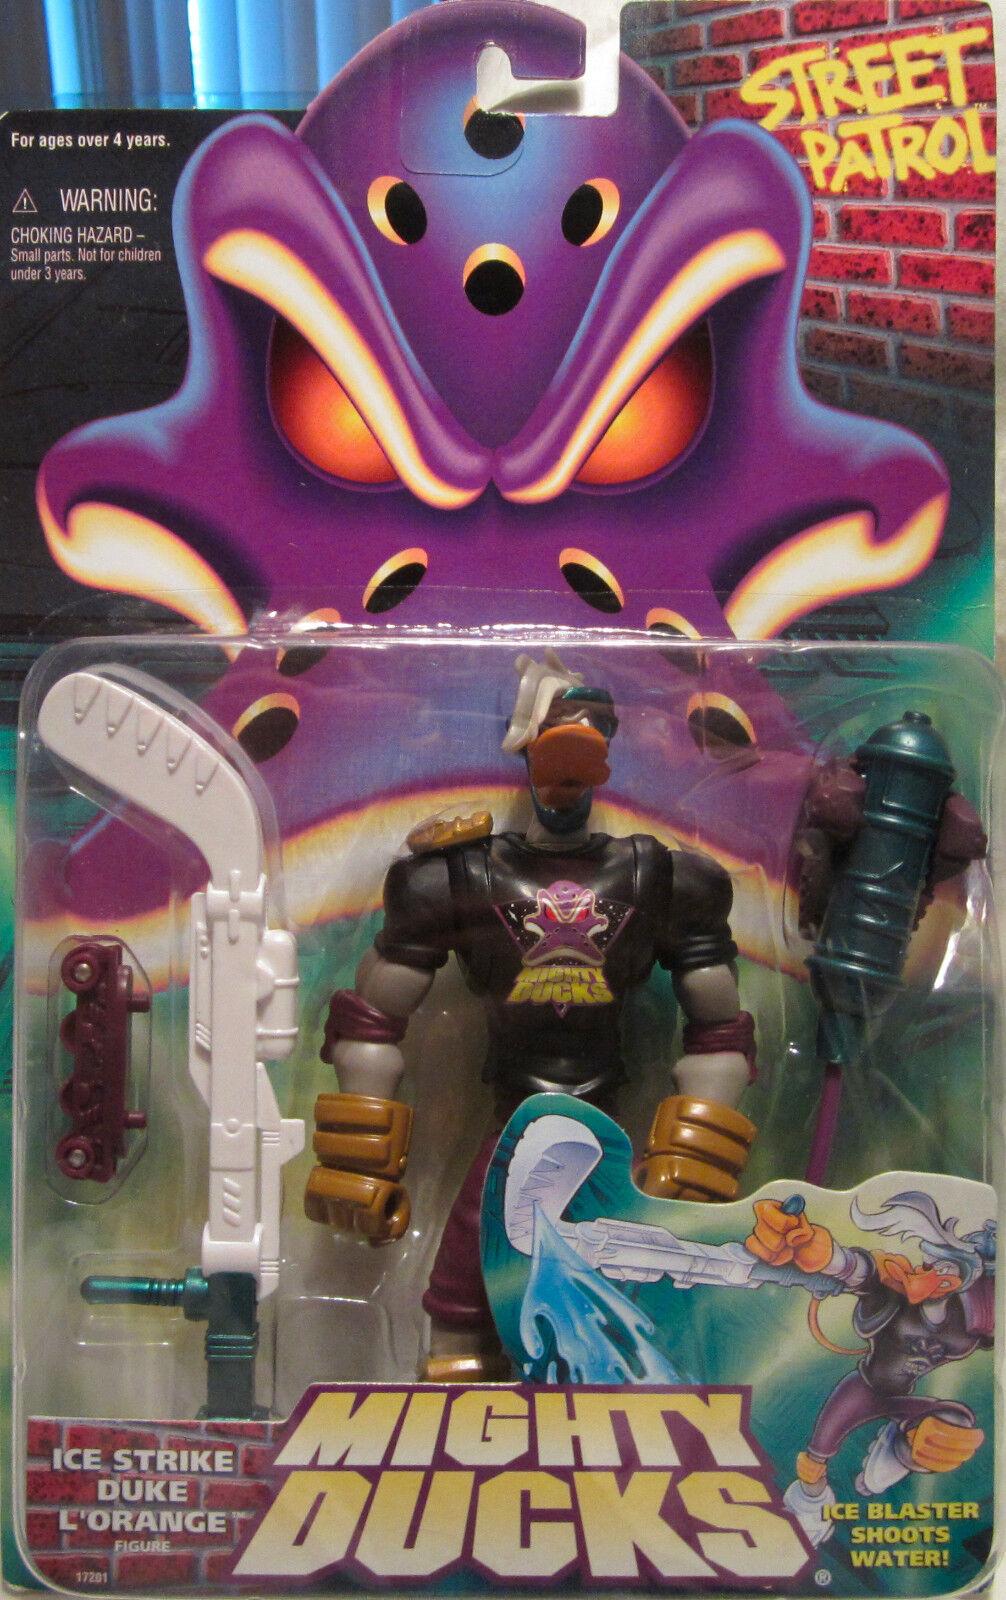 Mächtig Enten Ice Strike Duke L'Orange Wirkungfigur Mattel 1996 Neu